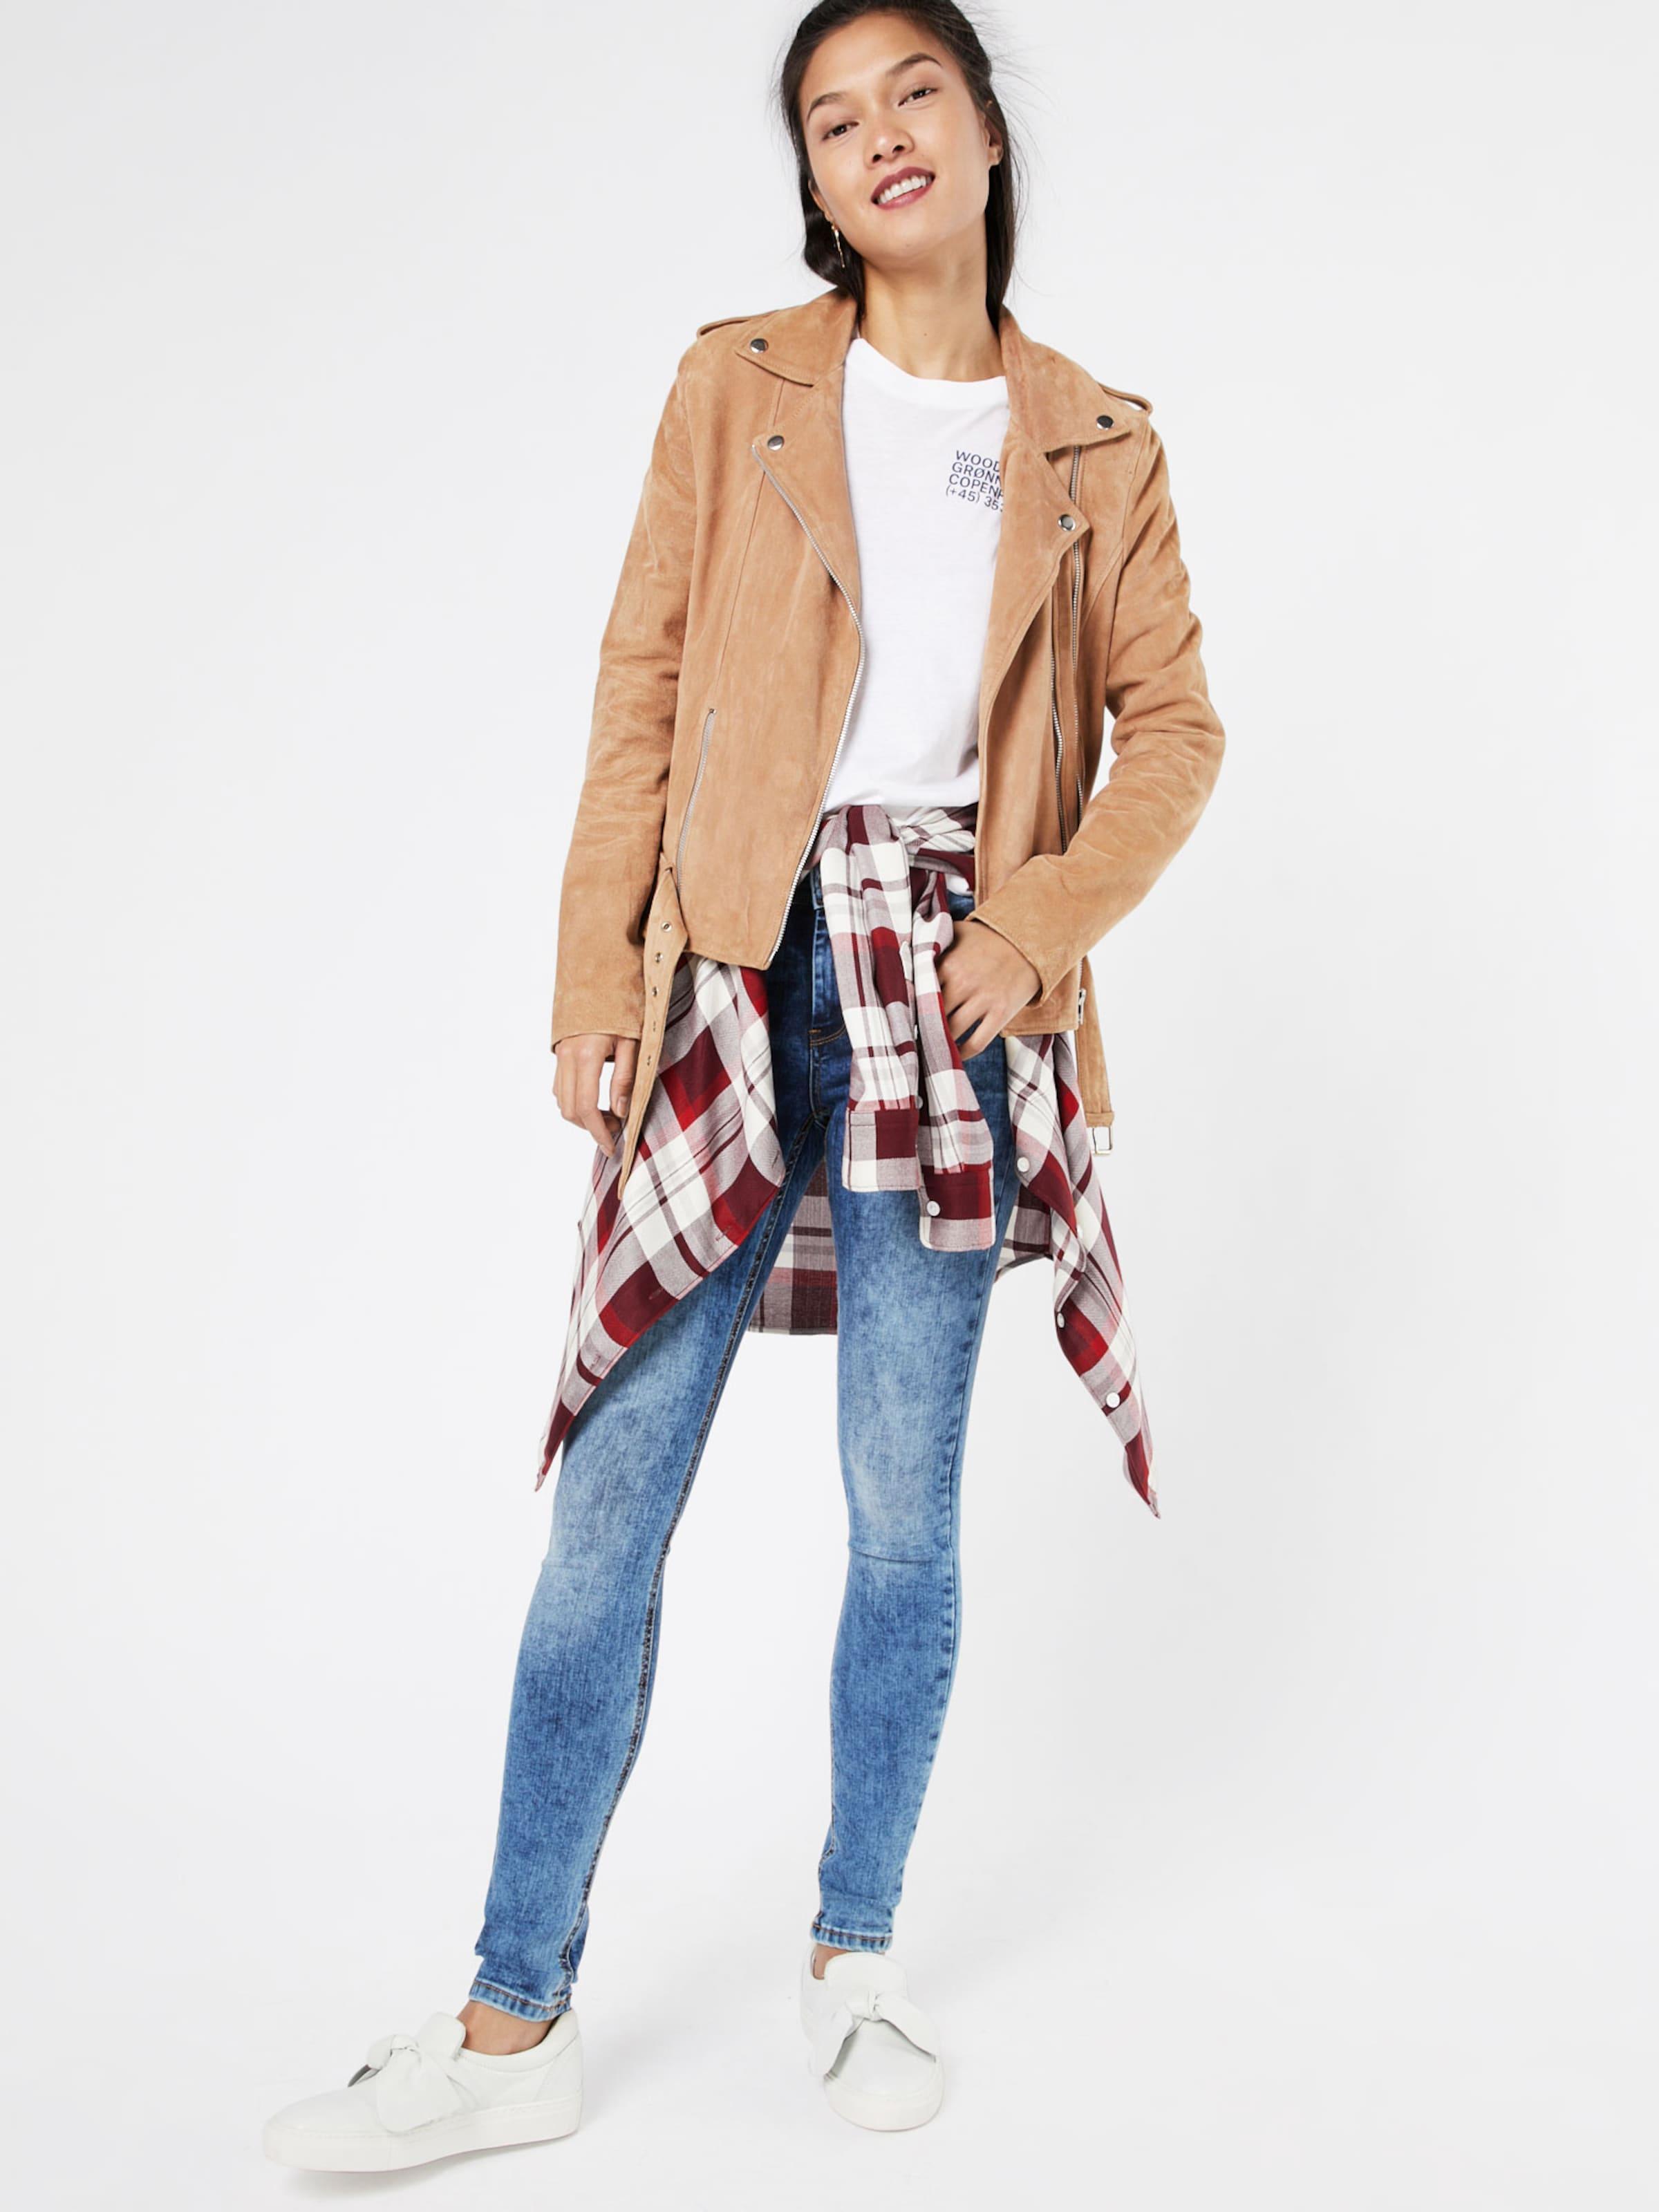 Erhalten Authentisch Zu Verkaufen Neue Ankunft Online VERO MODA Slim Jeans 'SEVEN NW SUPER' Sammlungen Zum Verkauf lyOneR1f